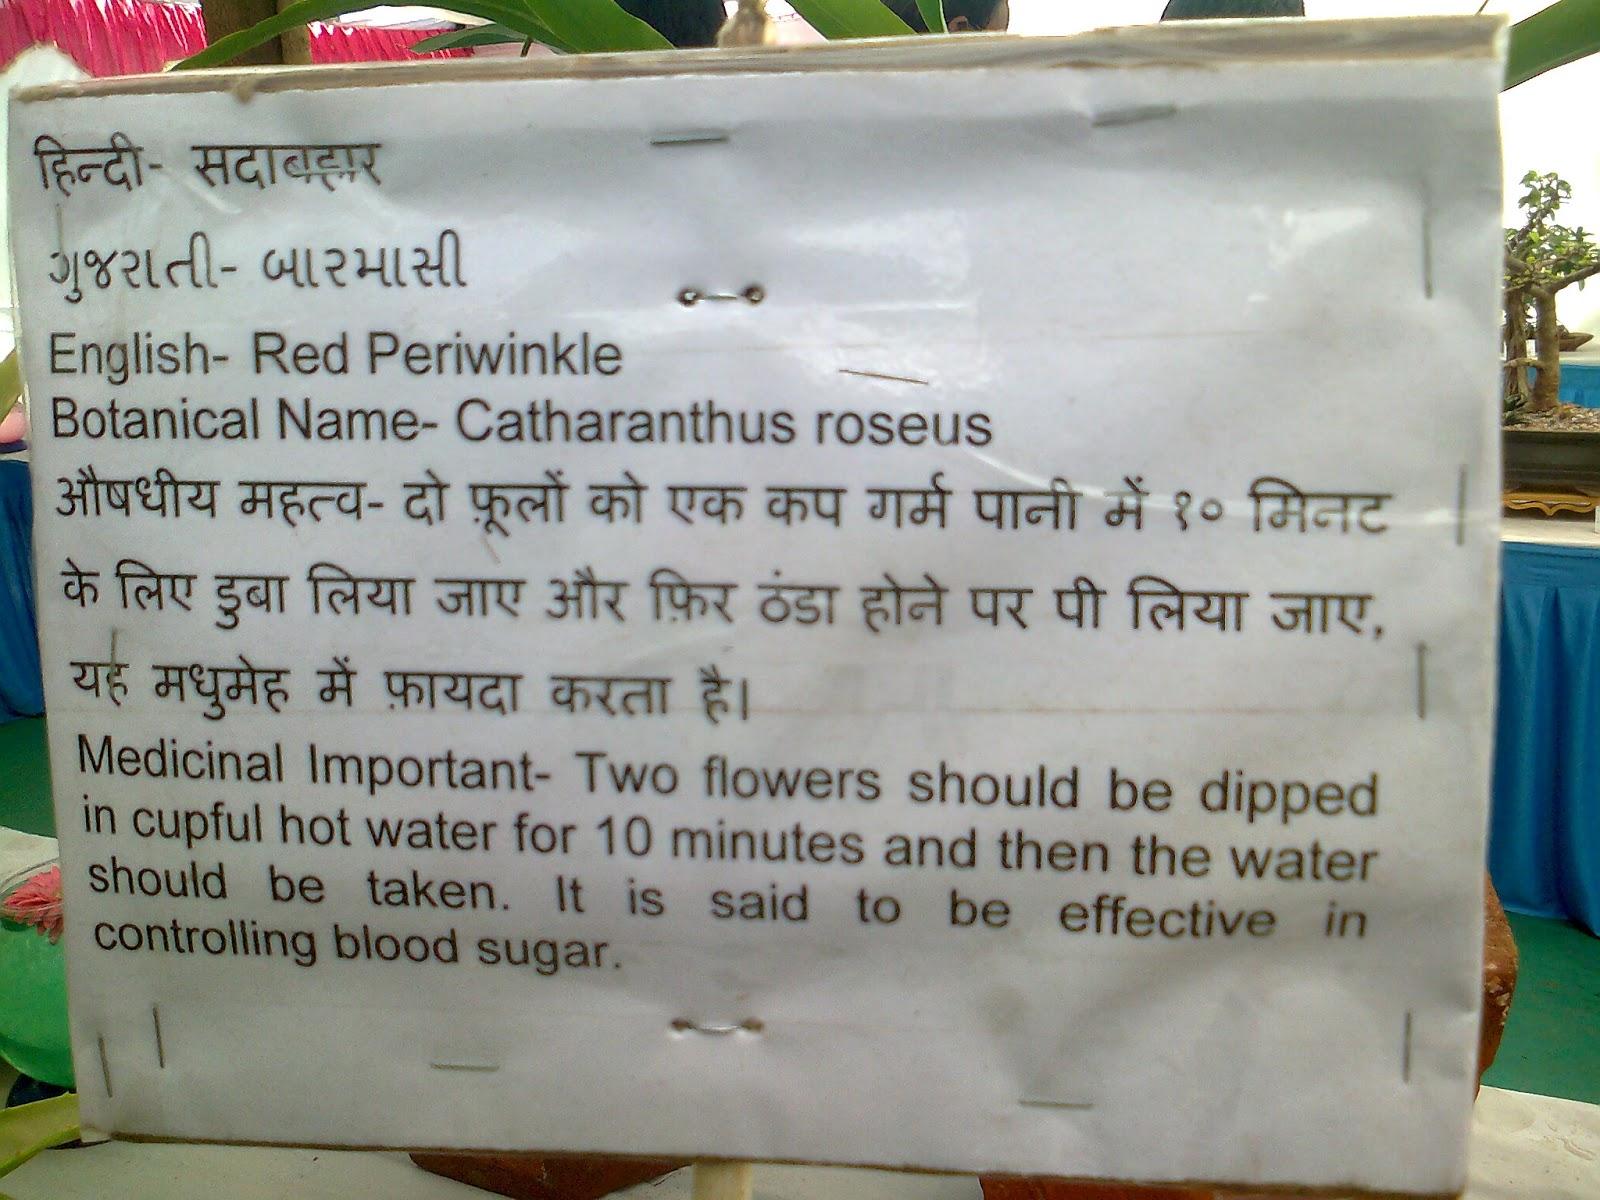 Horticulture colleges ib